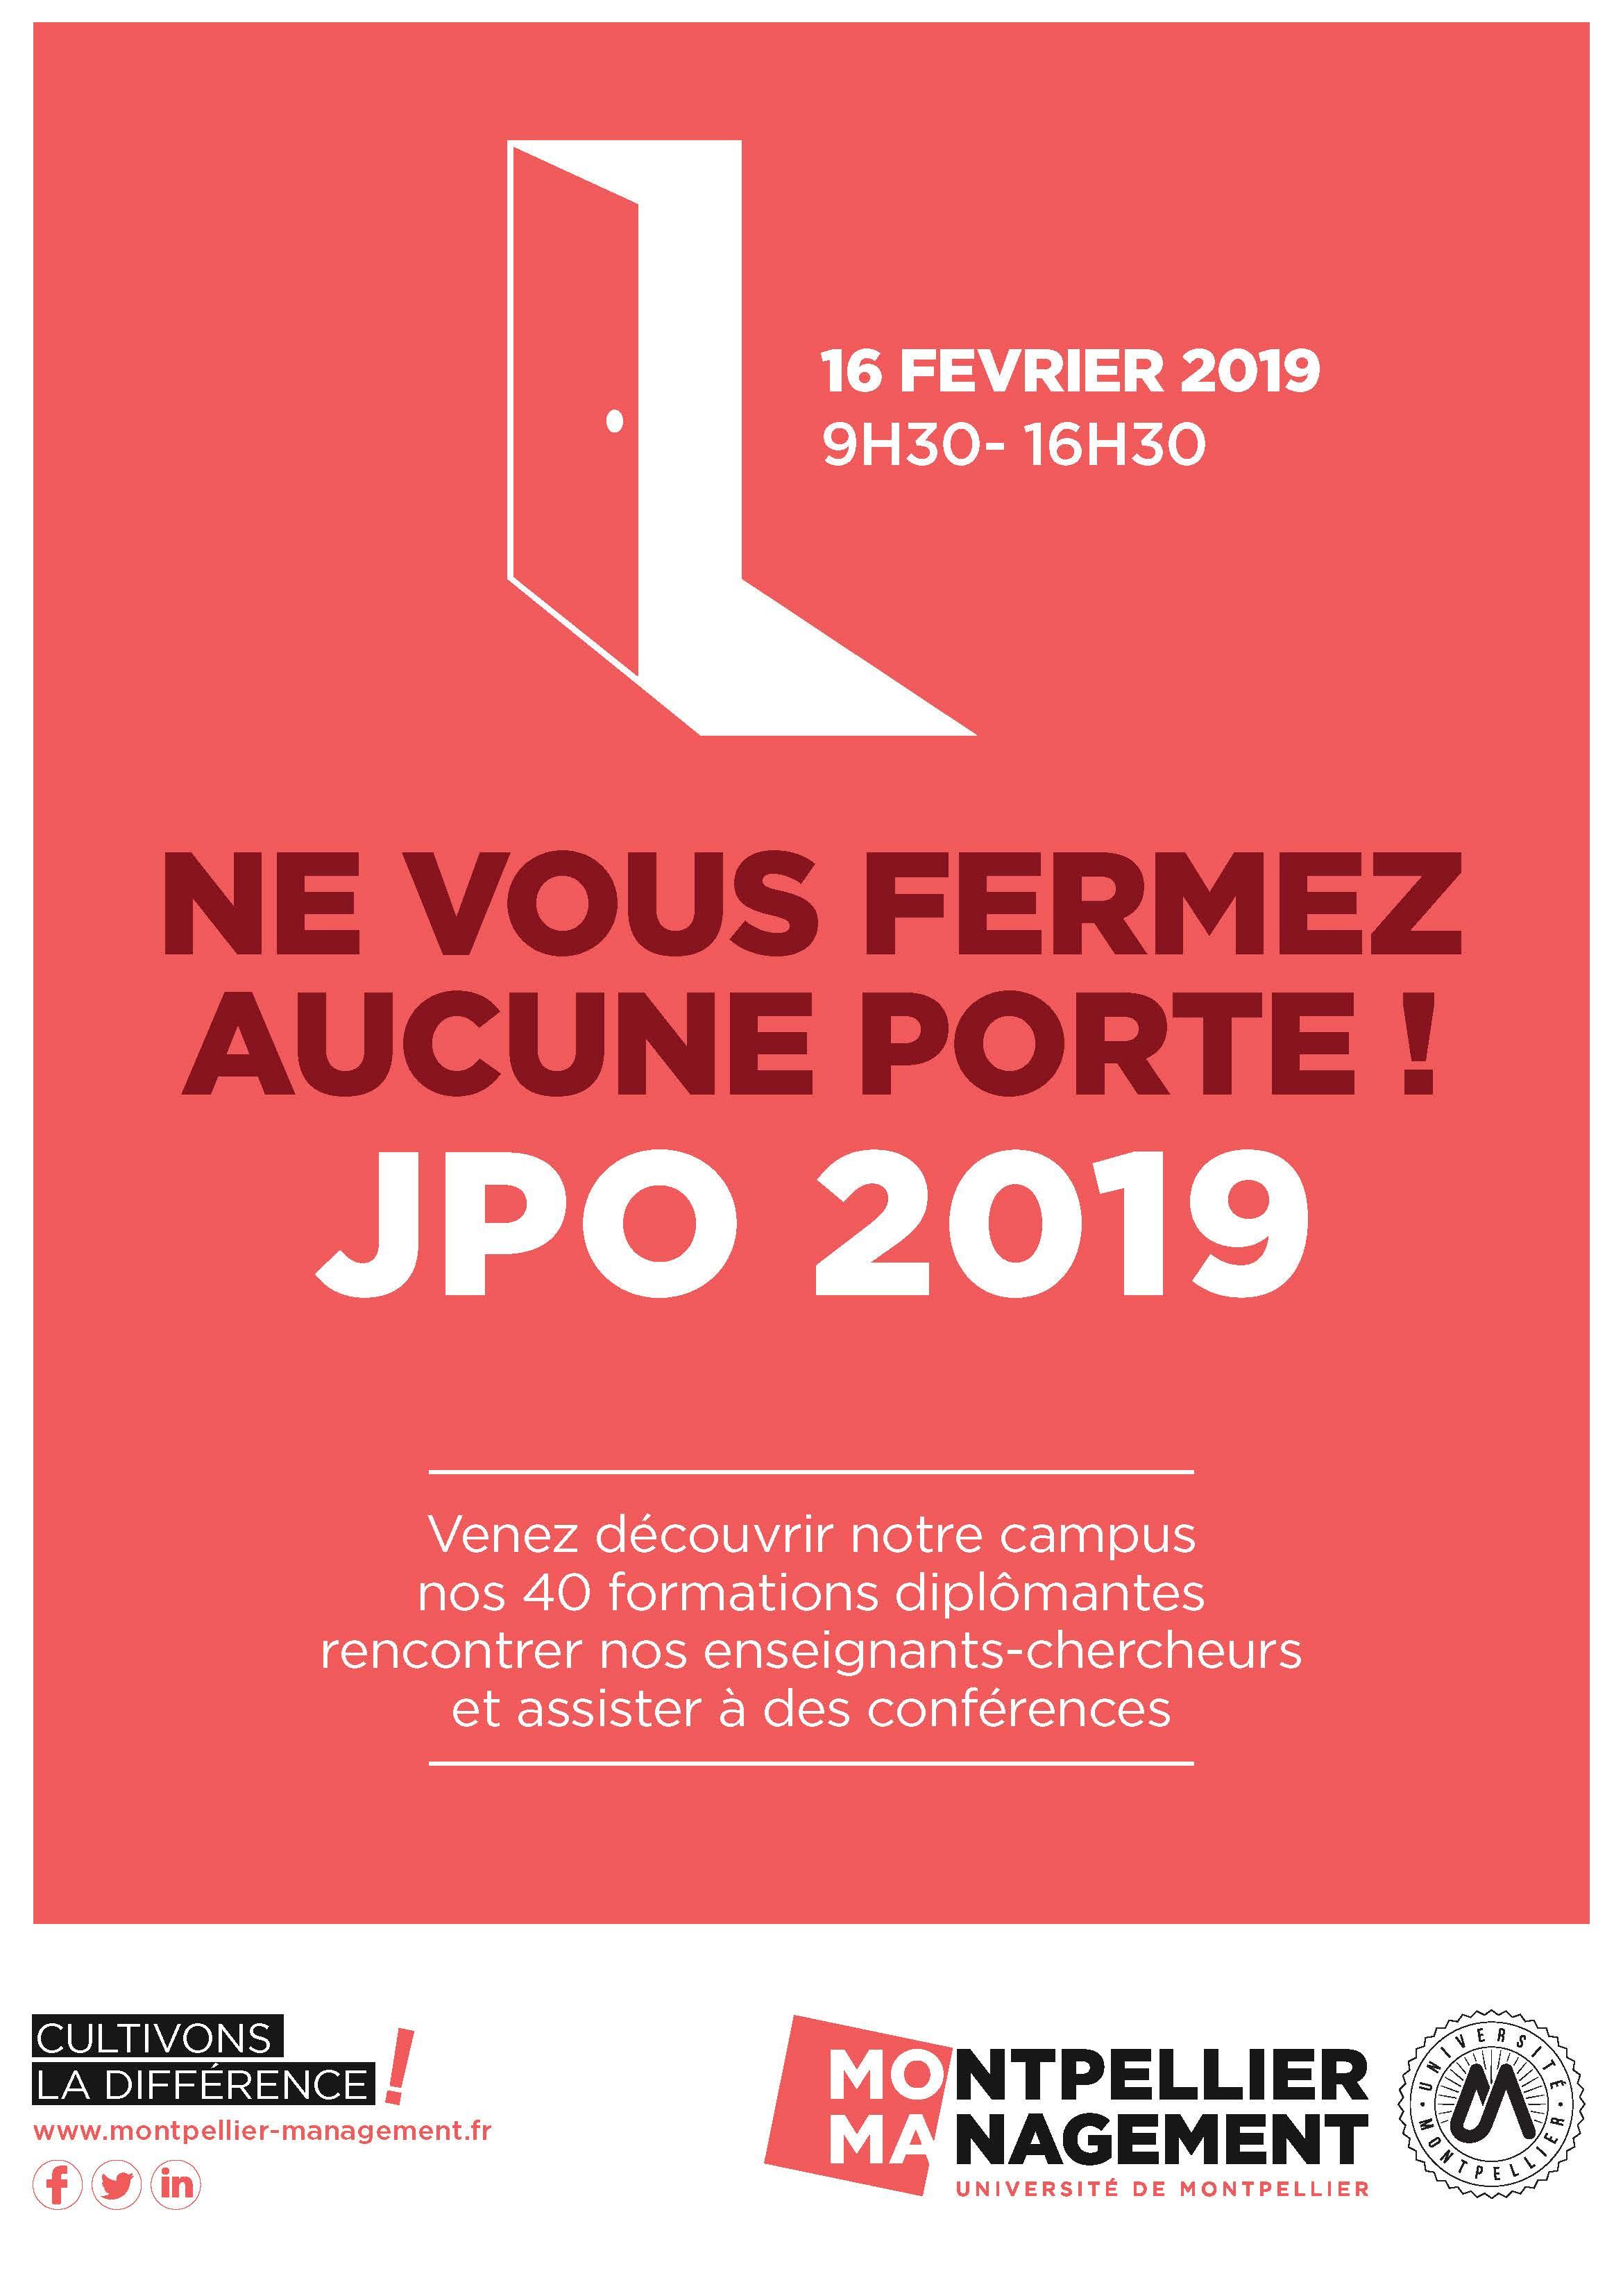 Journees-Portes-Ouvertes-Montpellier-Management-2019